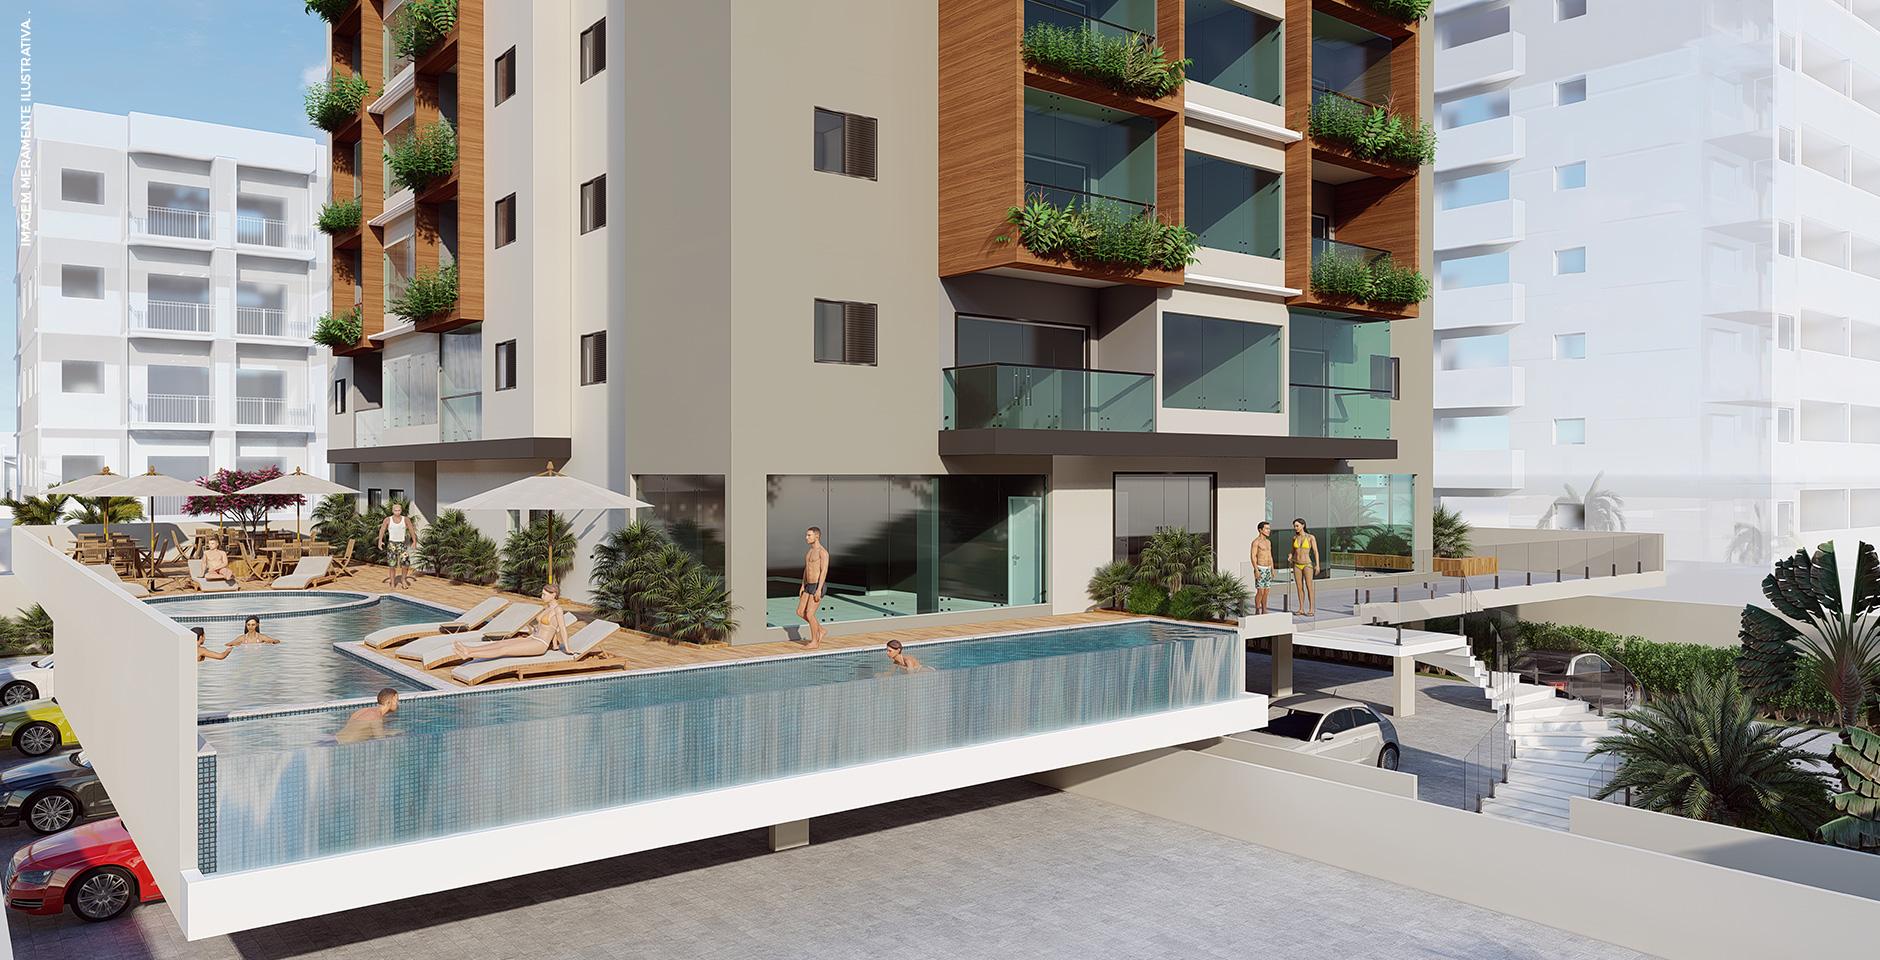 Área da piscina - fachada